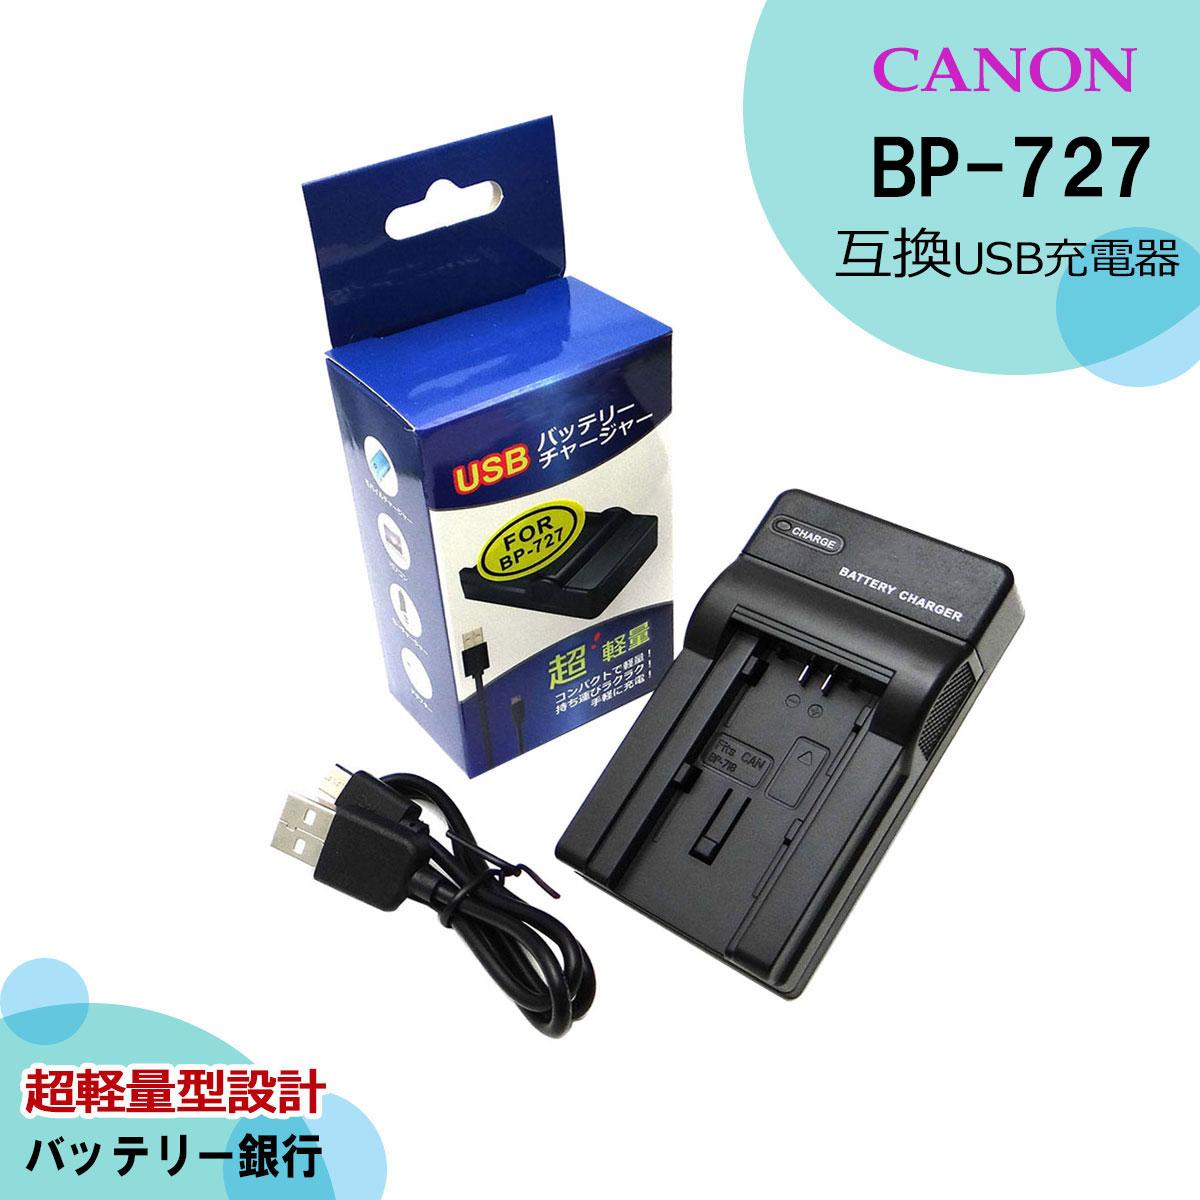 キャノン BP-727 互換充電器(USBタイプ) 1点 【6ヶ月保証】 純正バッテリーも充電可能カメラ用アクセサリーiVIS HF R42 / iVIS H